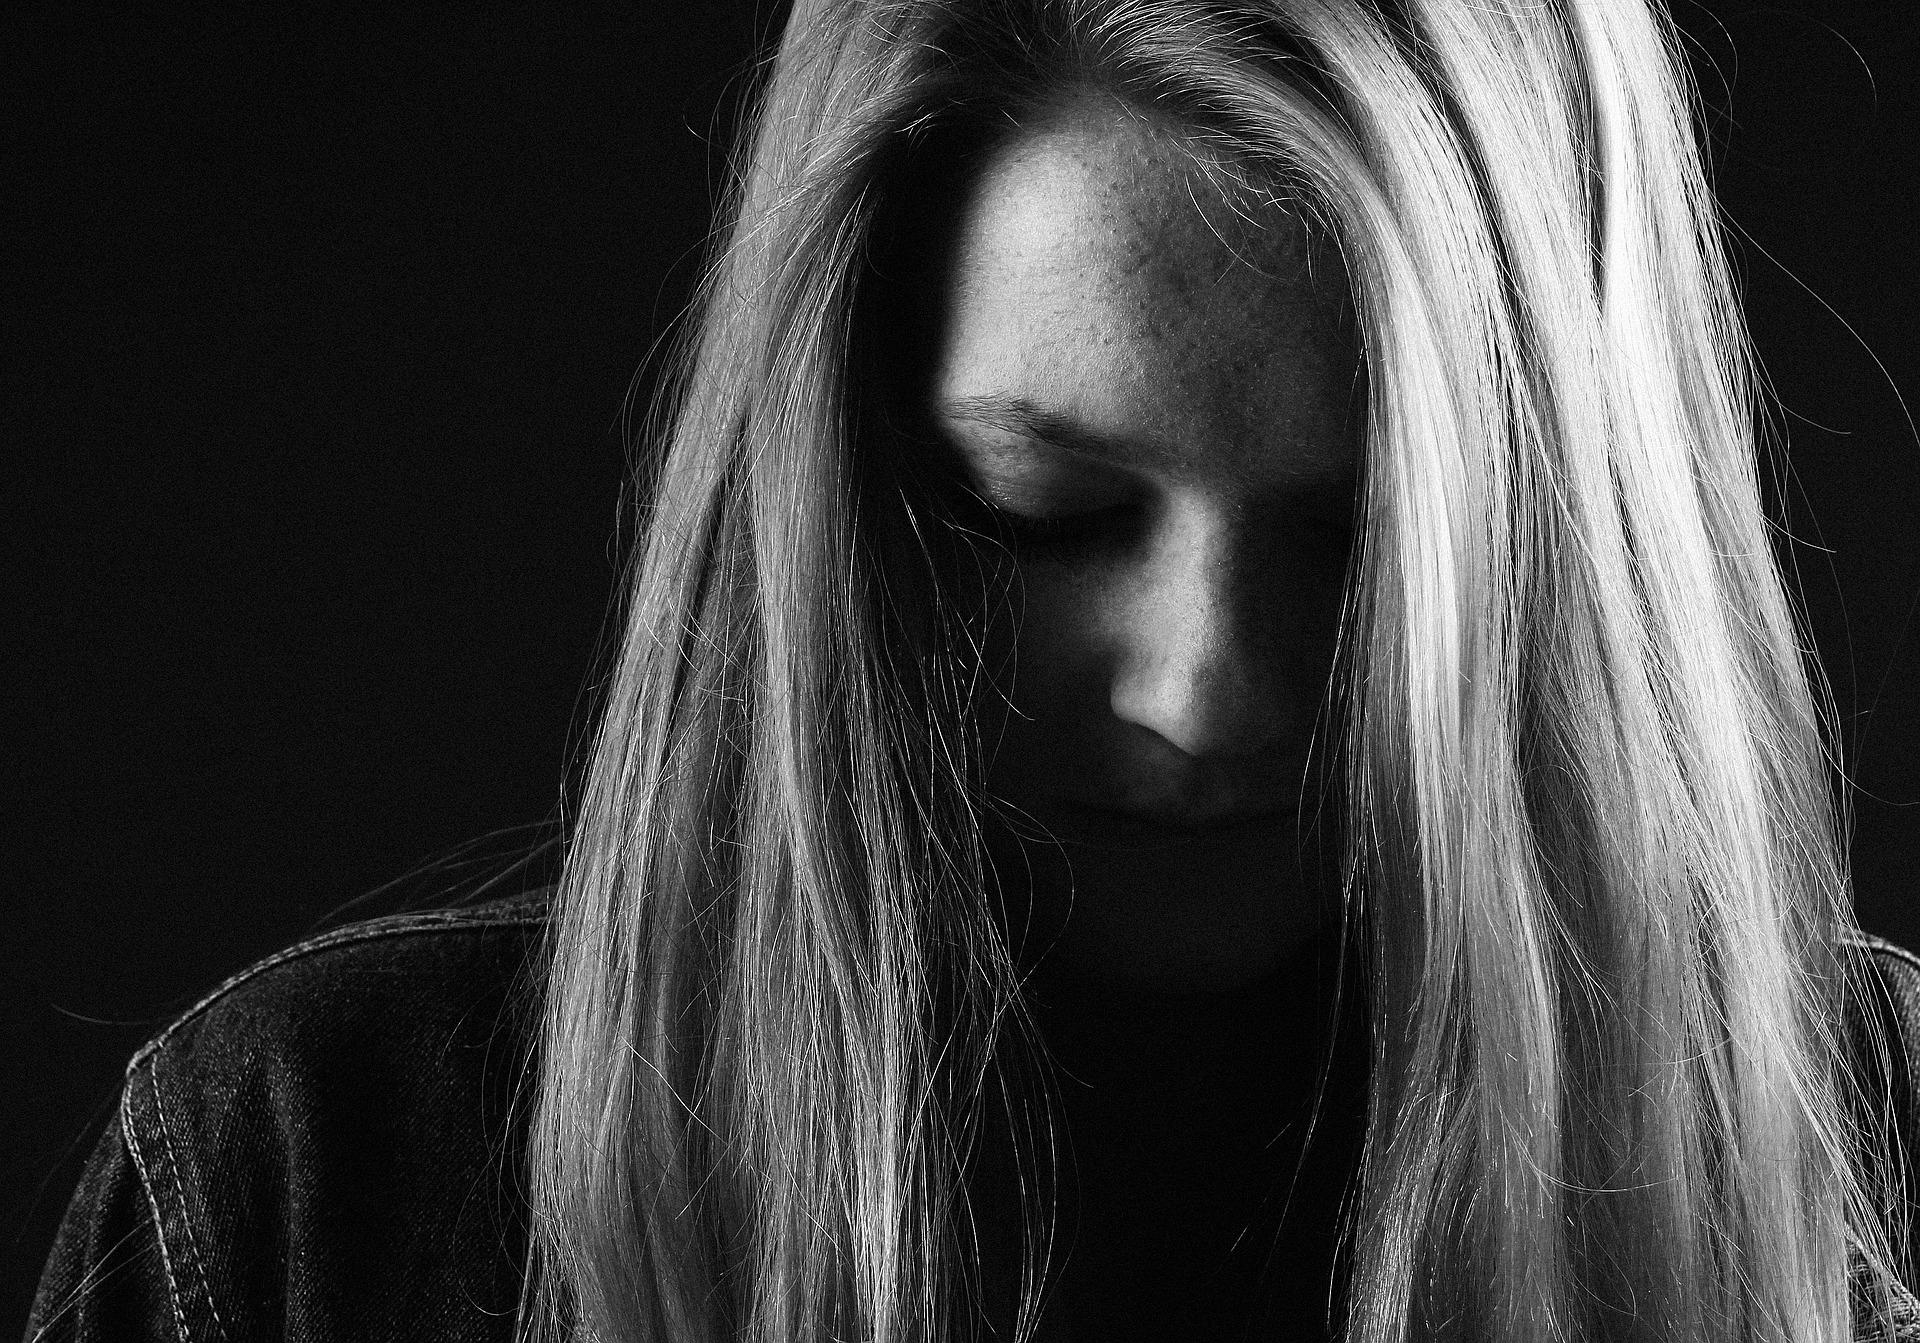 Girl Sadness  by Flachovatereza via Pixabay (Public Domain)